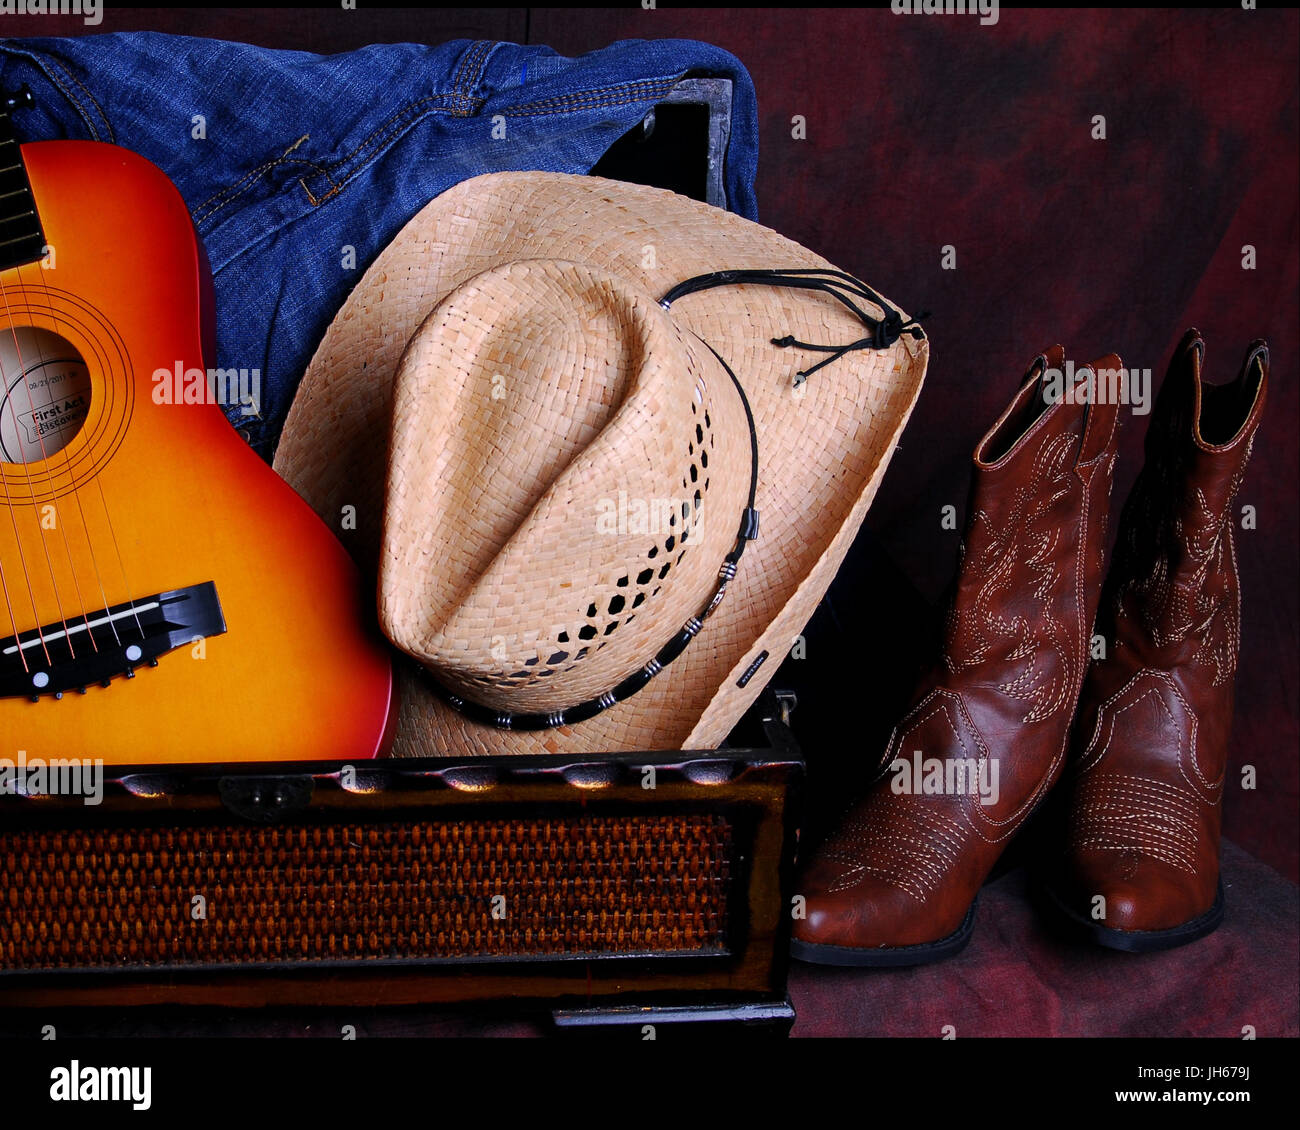 western wear - Stock Image